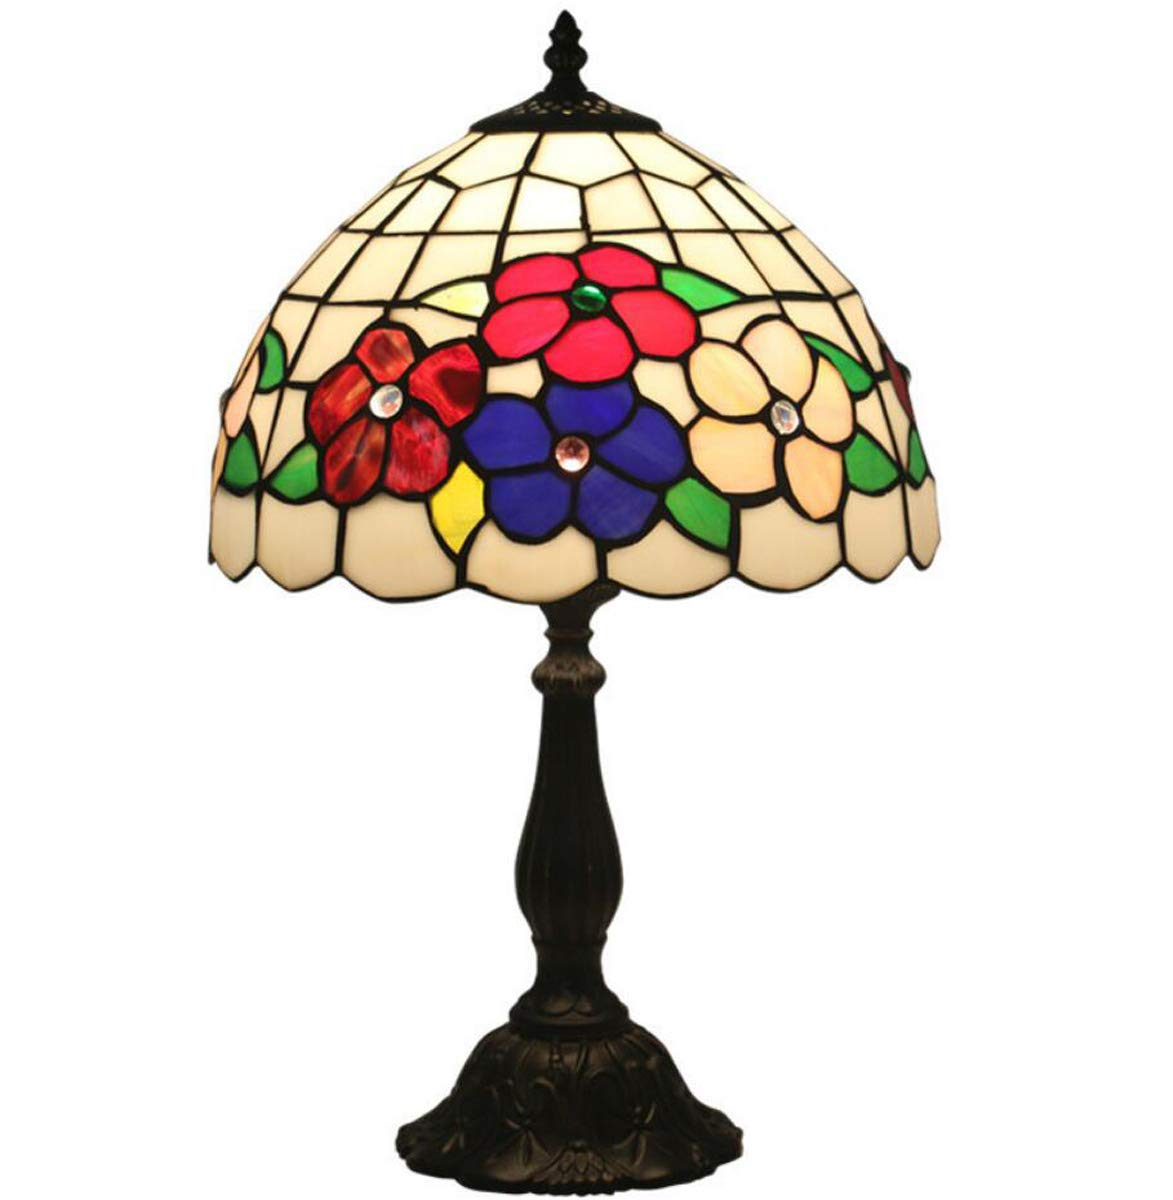 ティファニースタイルテーブルランプ、ミニマリズム色の花ガラスシェードベッドサイドランプ亜鉛合金ベース、ホームコーヒーデスクランプ、12インチ B07RPVGJD4